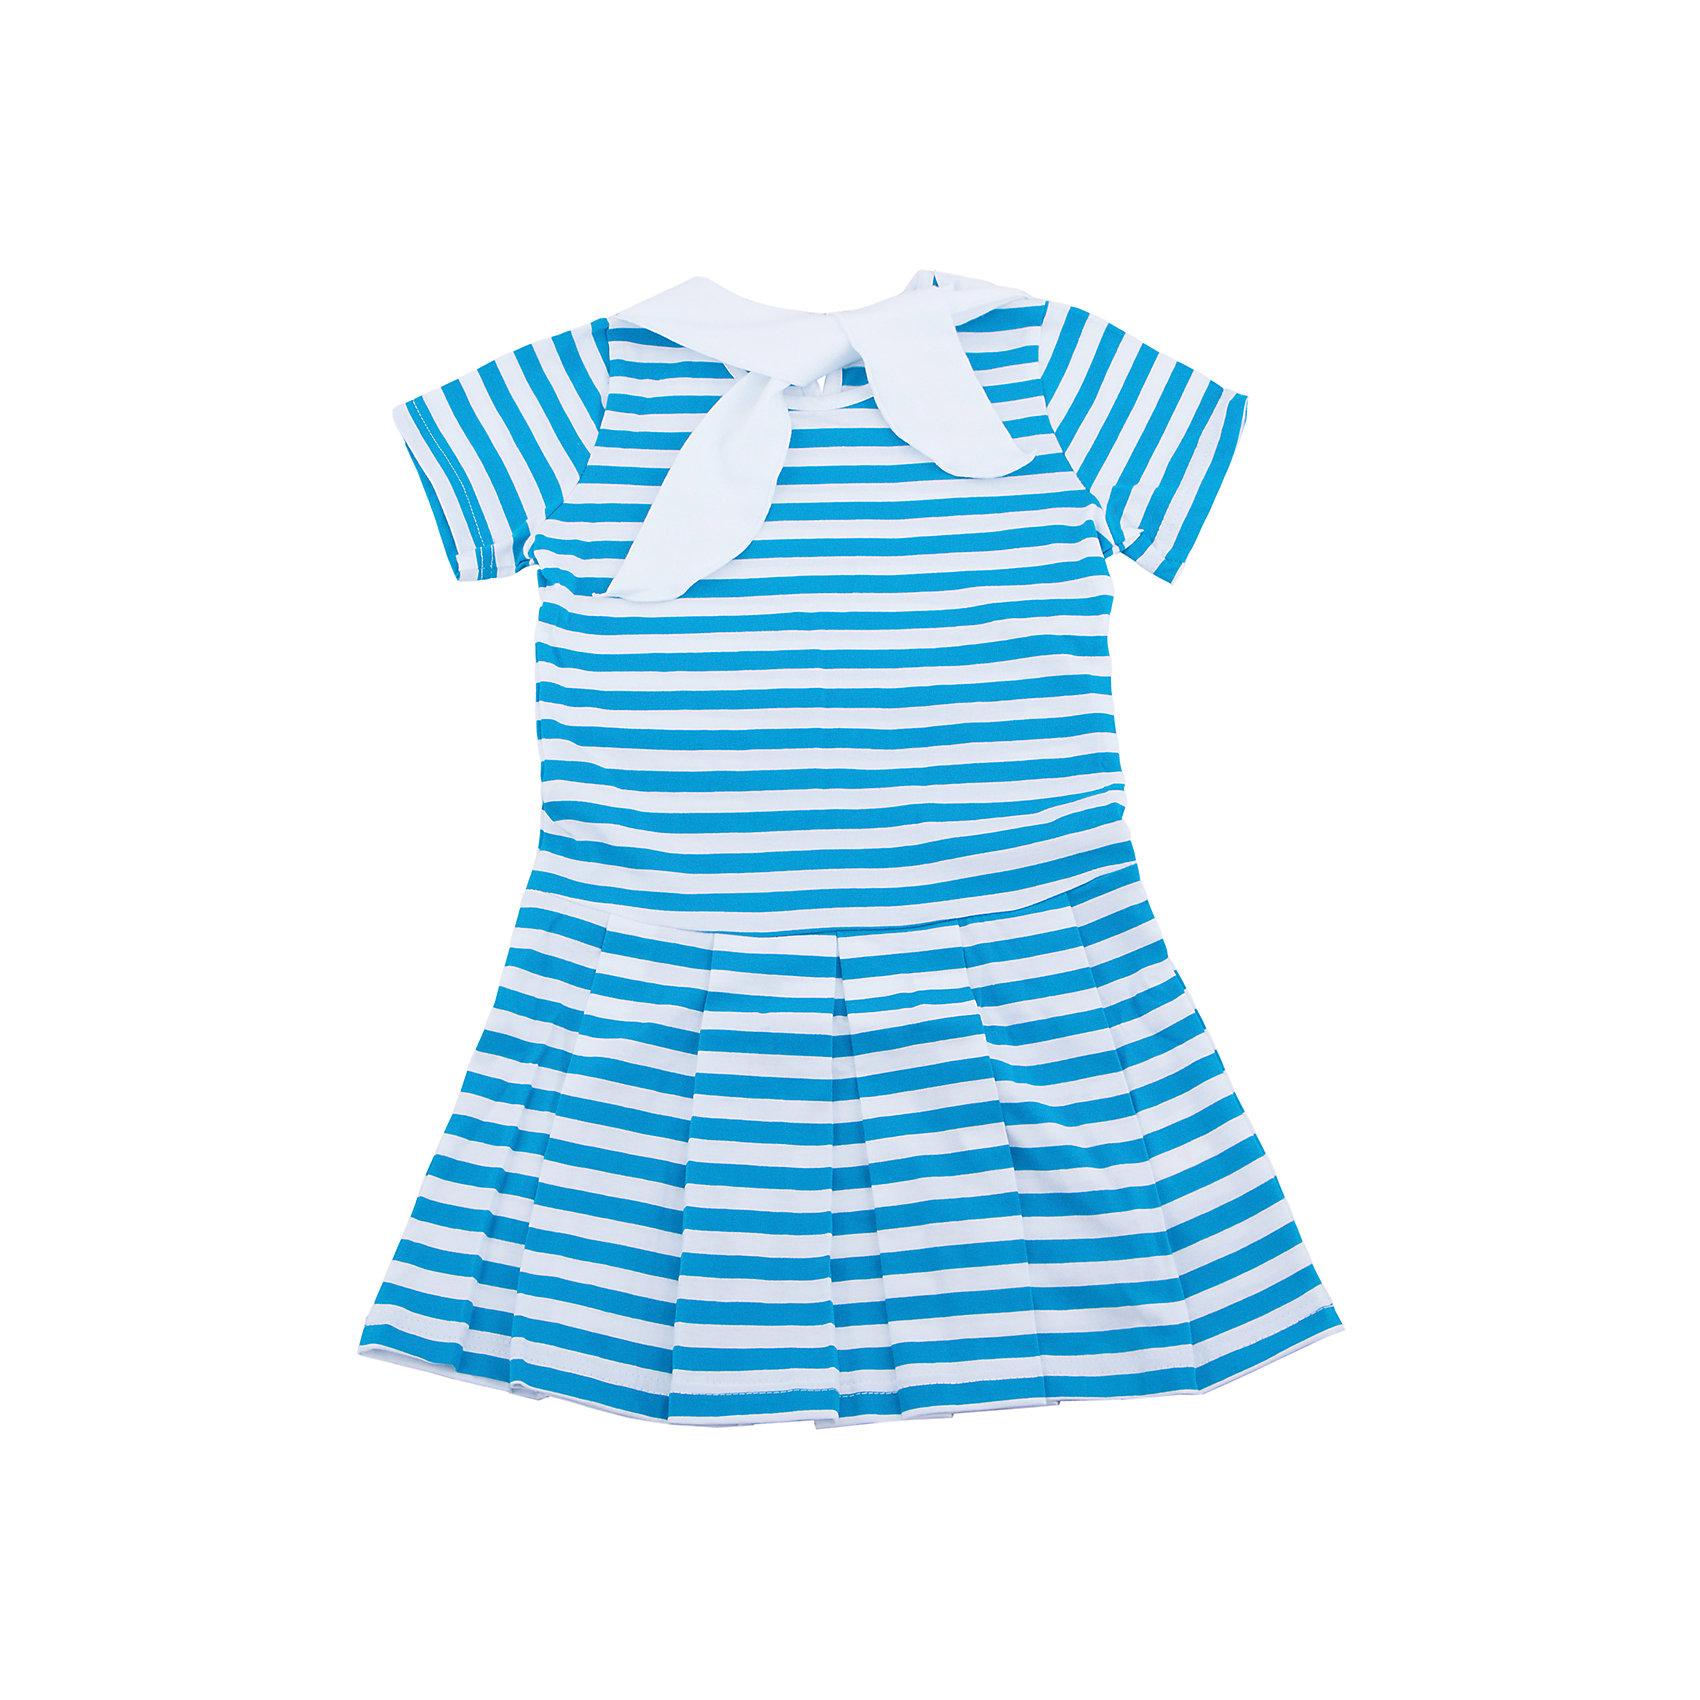 Платье для девочки АпрельПолоска<br>Характеристики товара:<br><br>• цвет: голубой<br>• состав: 100% хлопок<br>• короткие рукава<br>• декоративный воротник<br>• морской стиль<br>• складки на подоле<br>• застежка: пуговица<br>• комфортная посадка<br>• страна производитель: Российская Федерация<br>• страна бренда: Российская Федерация<br><br>Это симпатичное платье - удобная и универсальная вещь, которая поможет разнообразить гардероб ребенка. Она комфортно ощущается на теле, хорошо садится по детской фигуре. Изделие отлично сочетается с различной обувью. Материал состоит из хлопка, который не вызывает аллергии и позволяет коже дышать.<br><br>Платье для девочки от известного бренда Апрель можно купить в нашем интернет-магазине.<br><br>Ширина мм: 236<br>Глубина мм: 16<br>Высота мм: 184<br>Вес г: 177<br>Цвет: голубой<br>Возраст от месяцев: 12<br>Возраст до месяцев: 18<br>Пол: Женский<br>Возраст: Детский<br>Размер: 110,86,104,98,92,116<br>SKU: 5438502